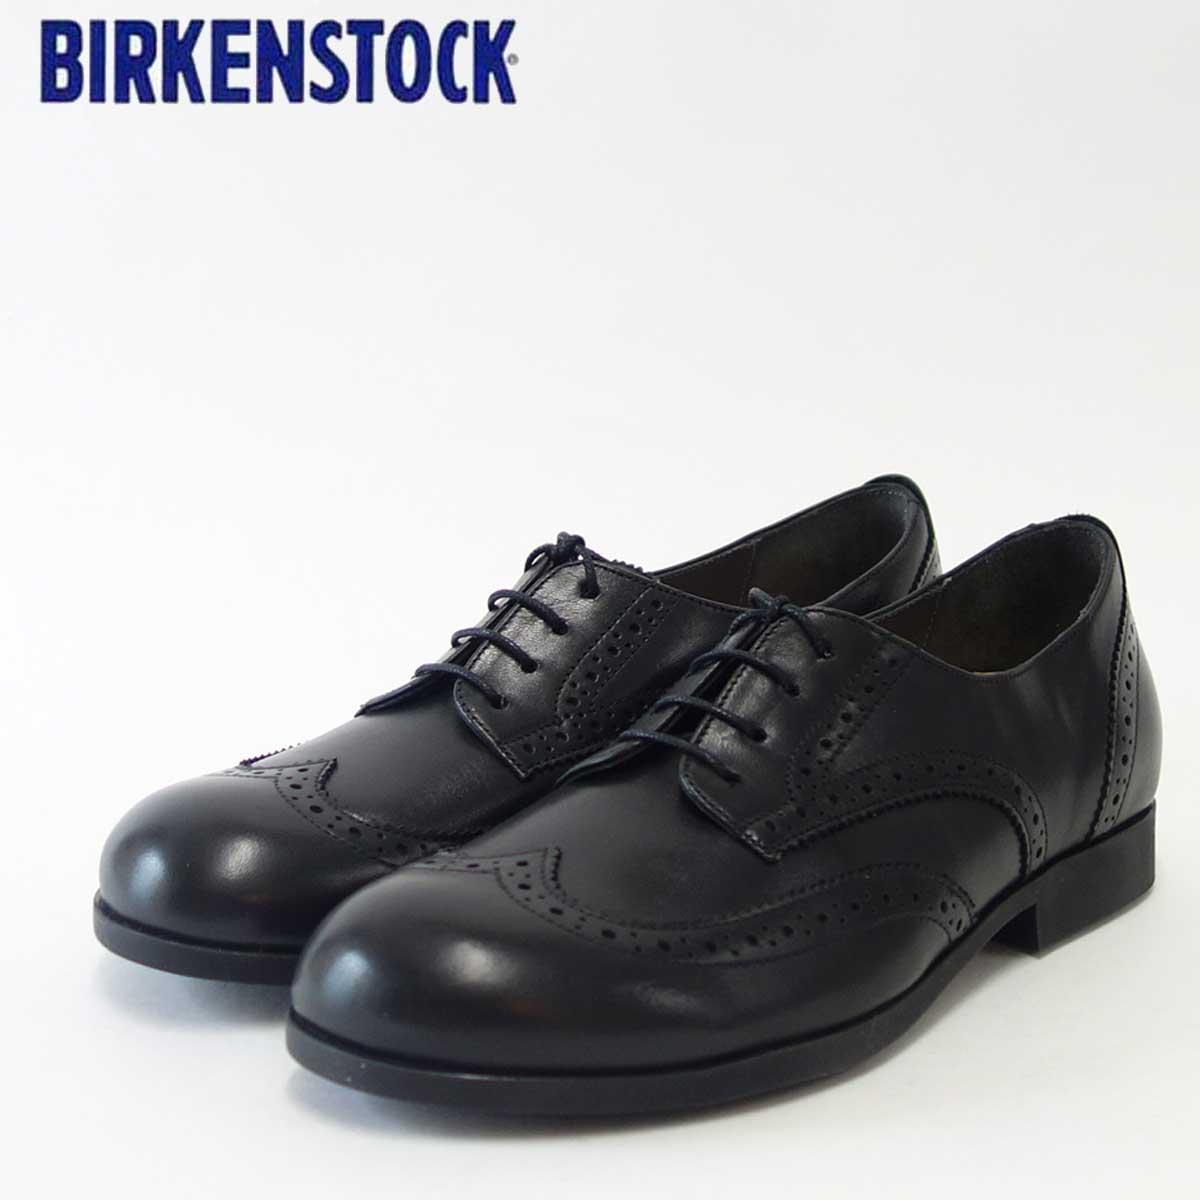 BIRKENSTOCK ビルケンシュトックLARAMIE LOW(ララミー ロー)レディース GS 1006908(天然皮革/ブラック)「靴」